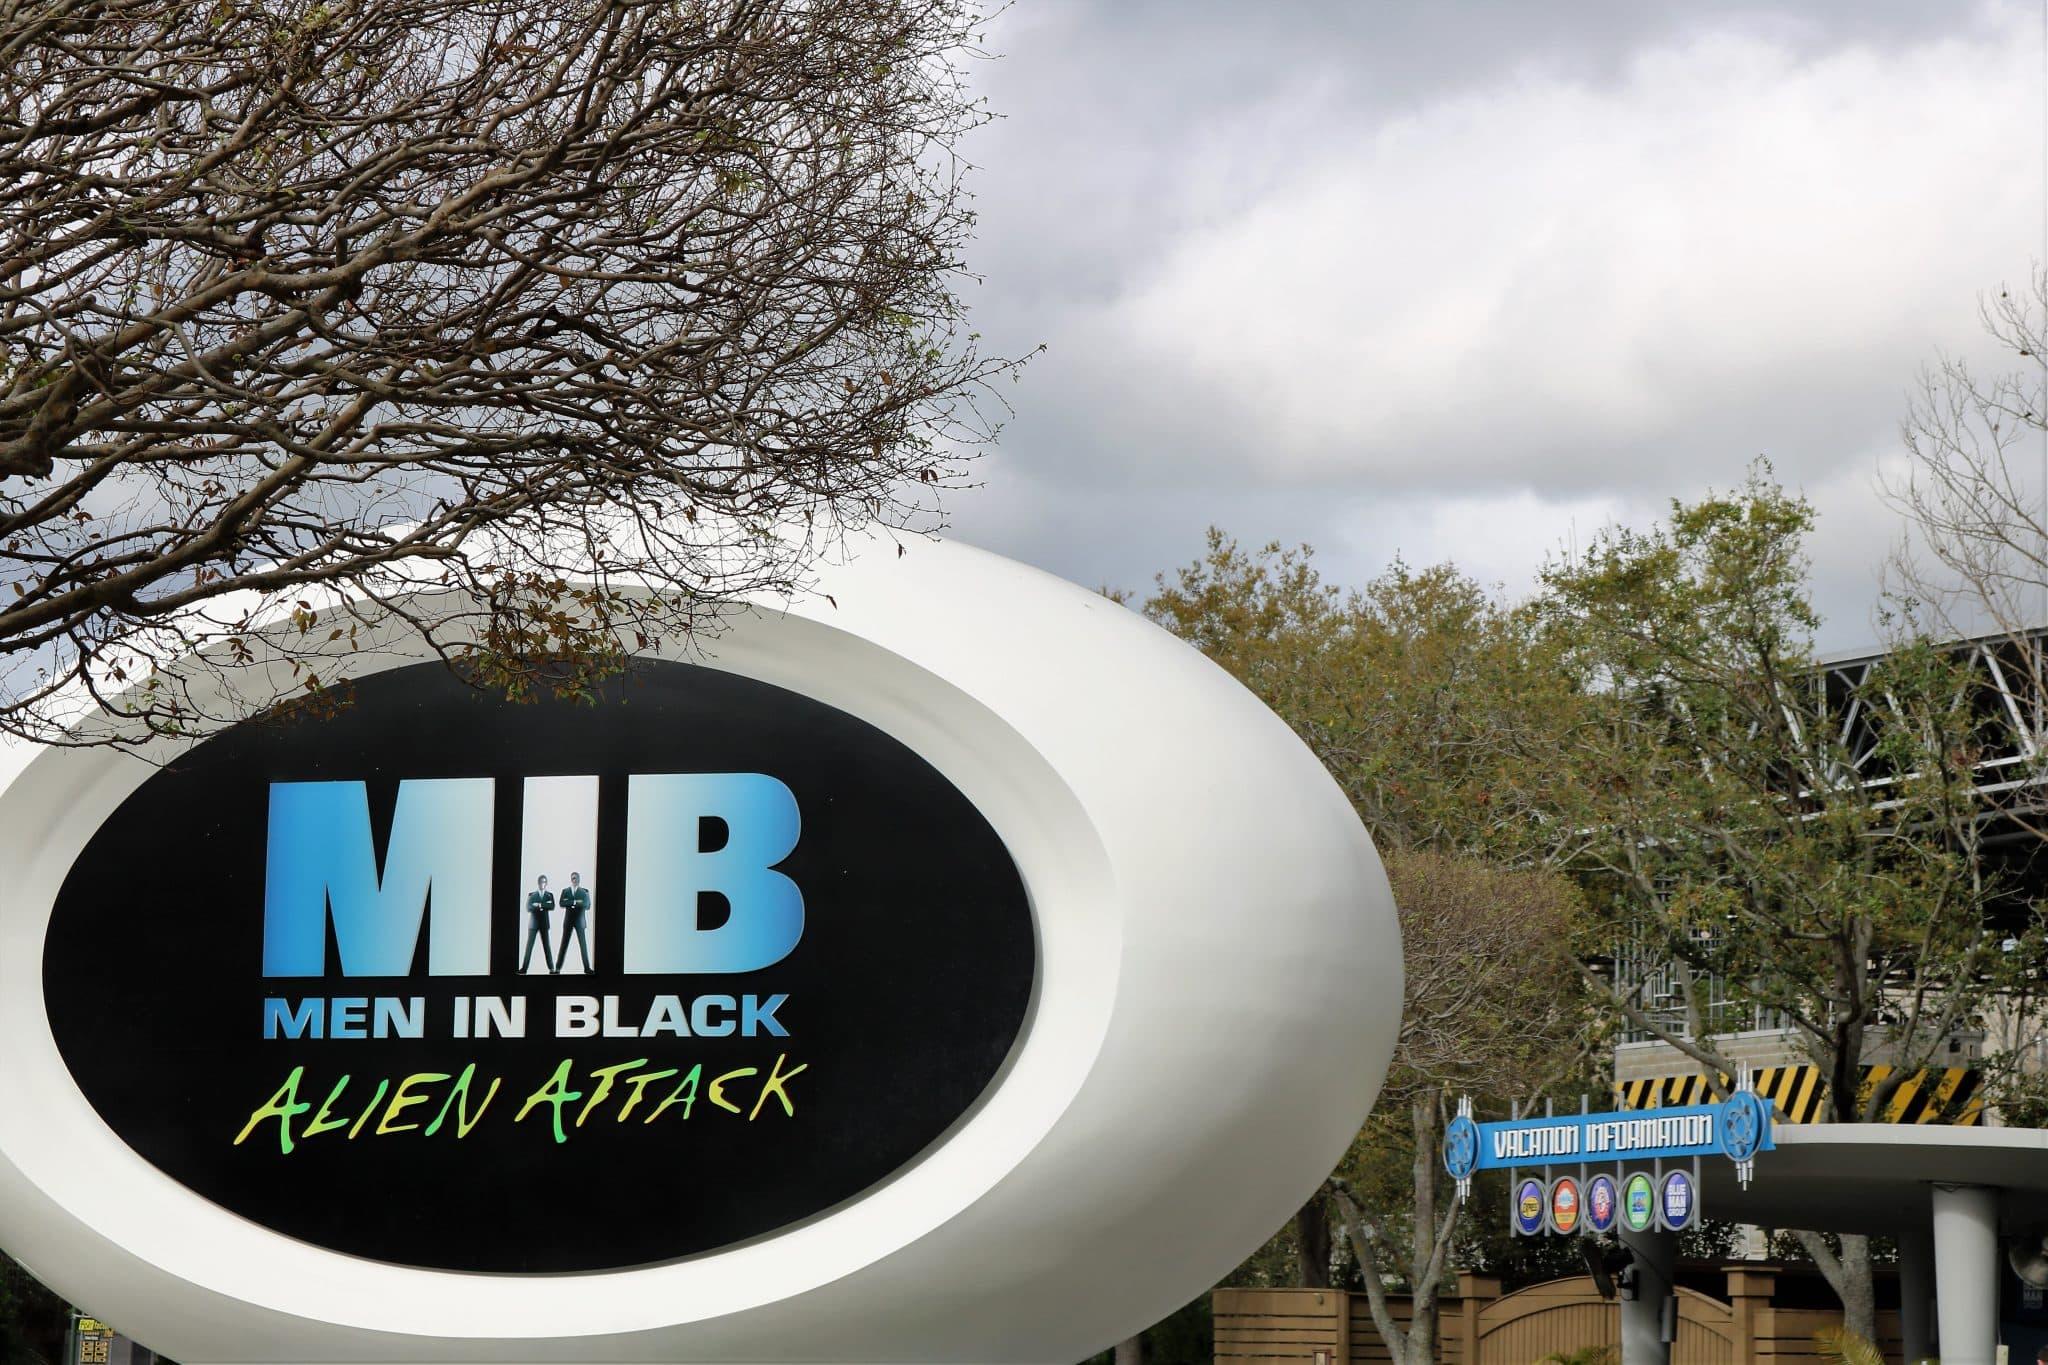 Men in Black Alien Attack